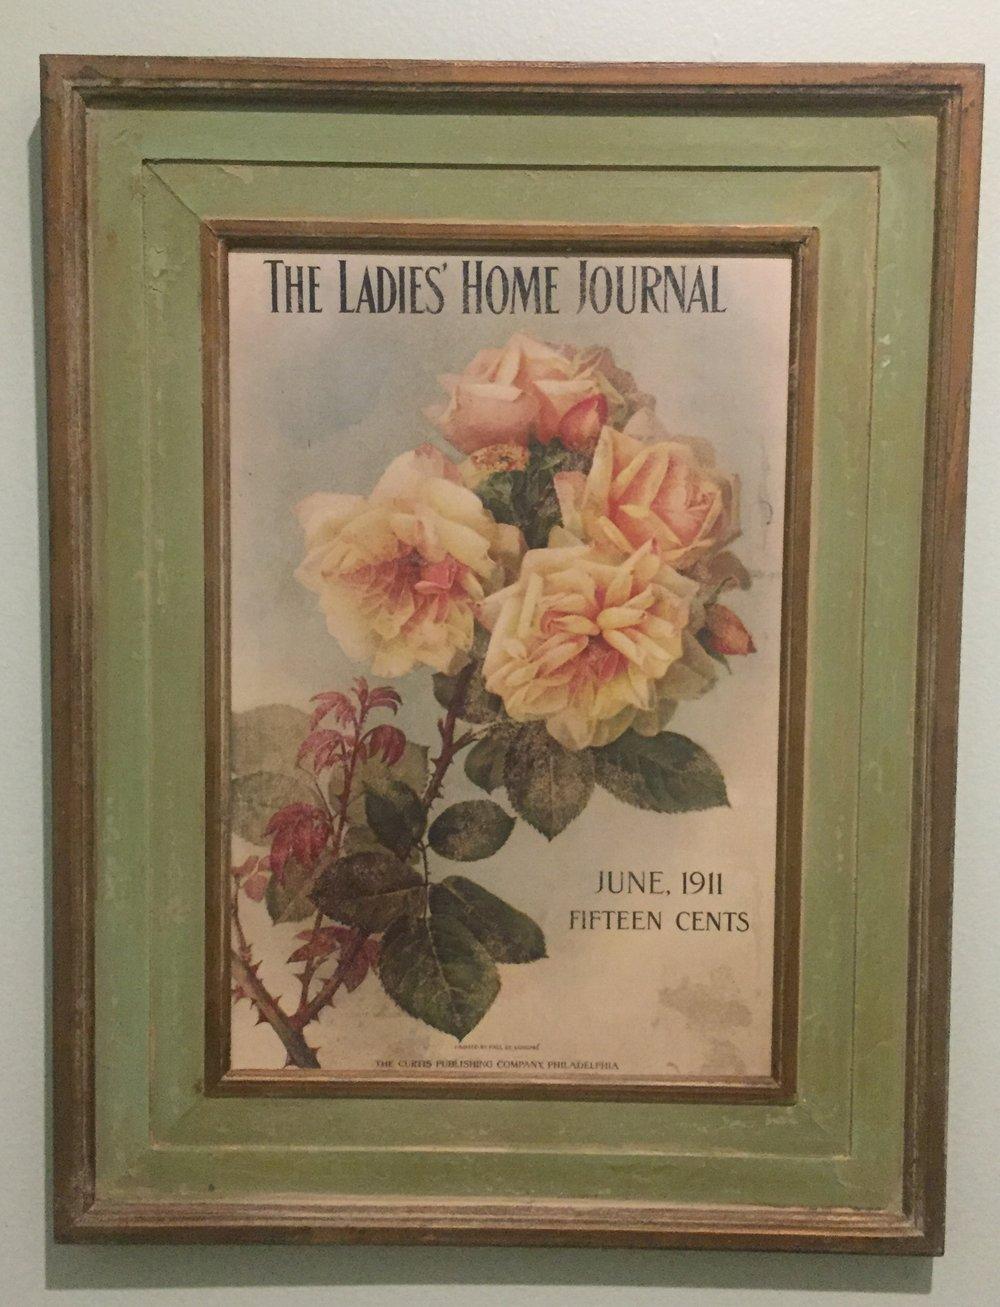 Ladies' Home Journal - $10